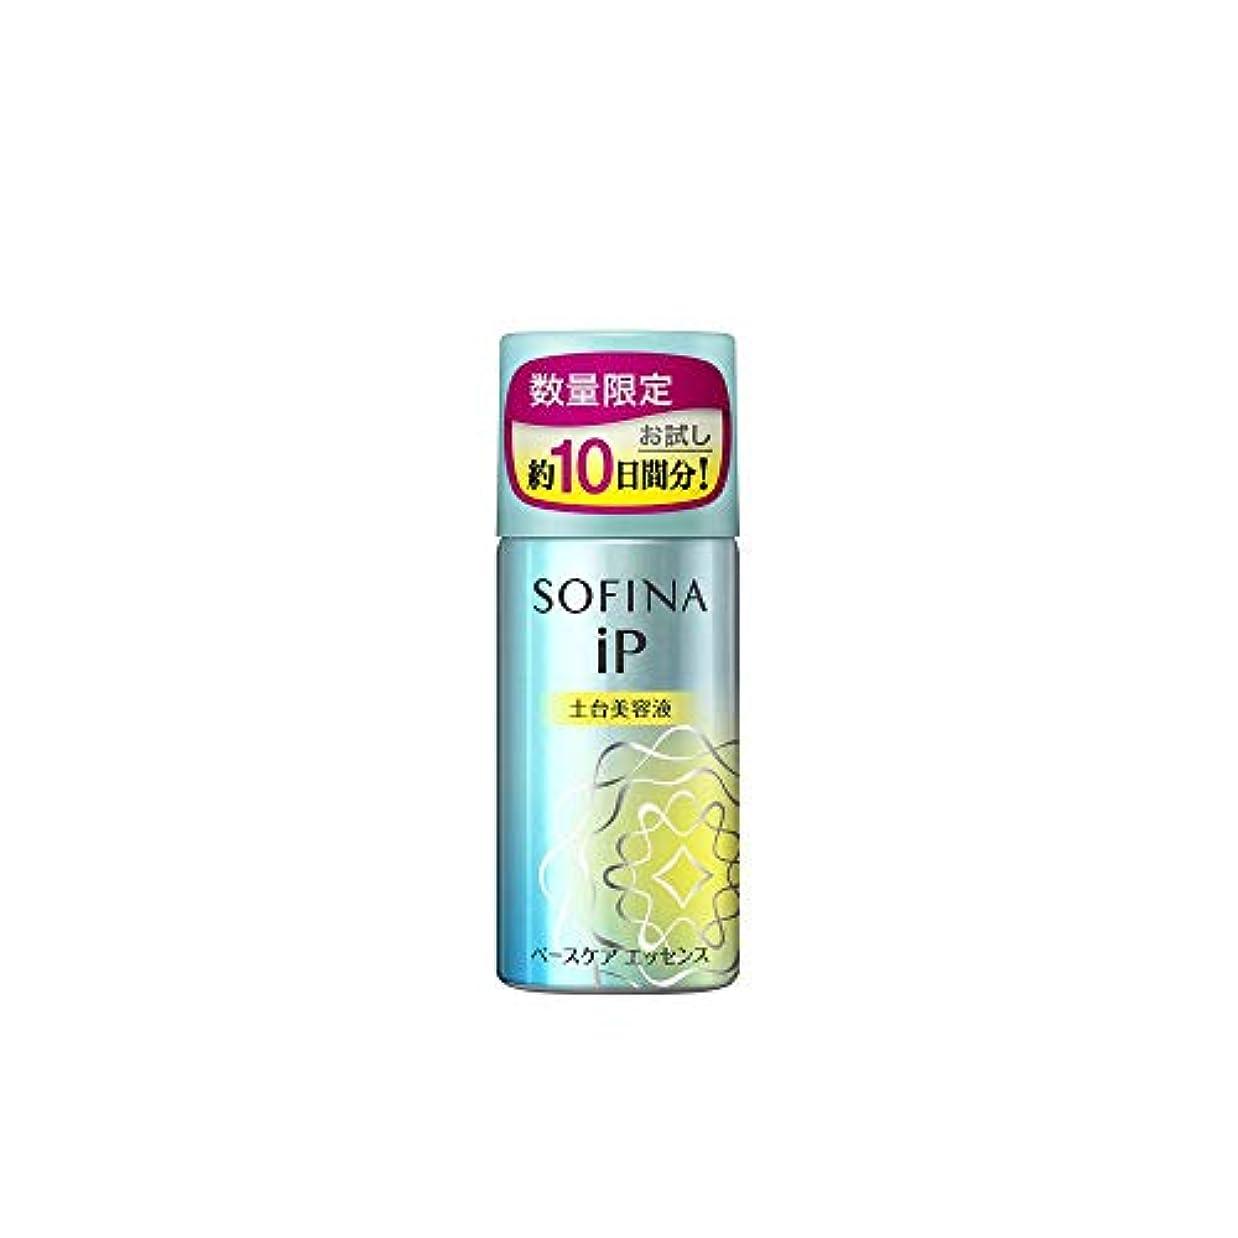 範囲温帯列挙するソフィーナ iP(アイピー) ベースケア エッセンス 30g 土台美容液